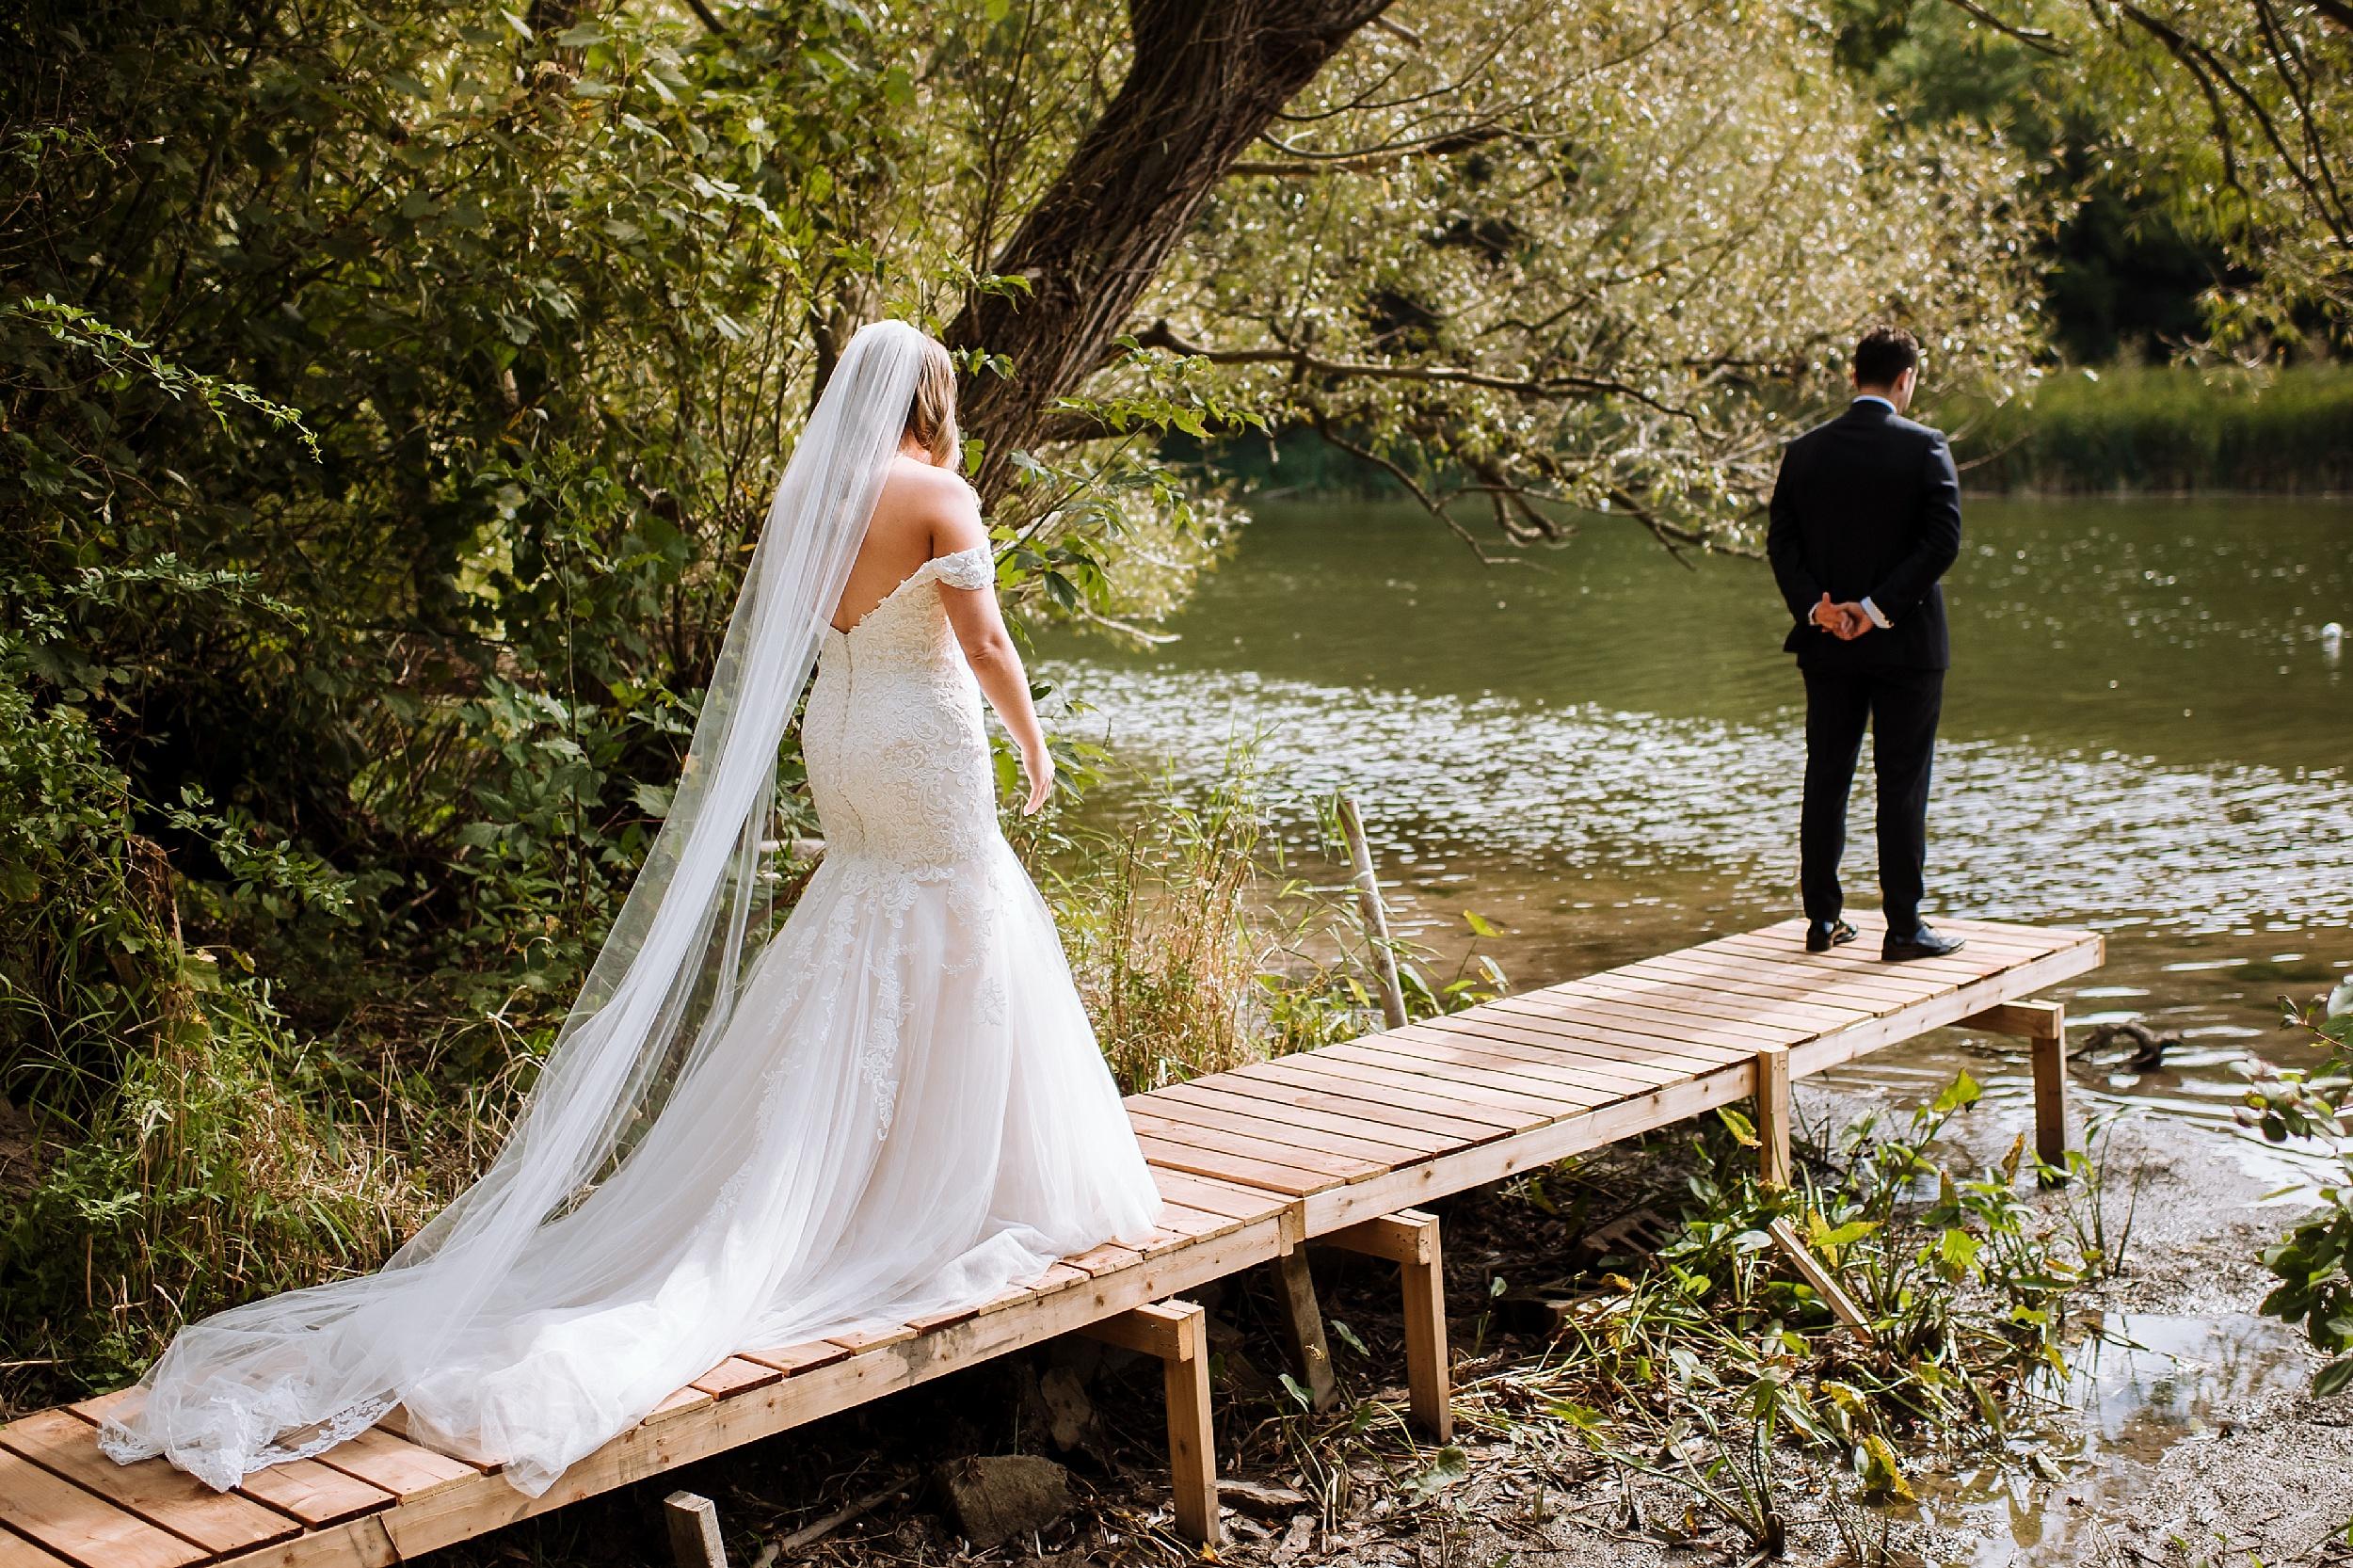 Rustic_Backyard_Wedding_Toronto_Photographer035.jpg